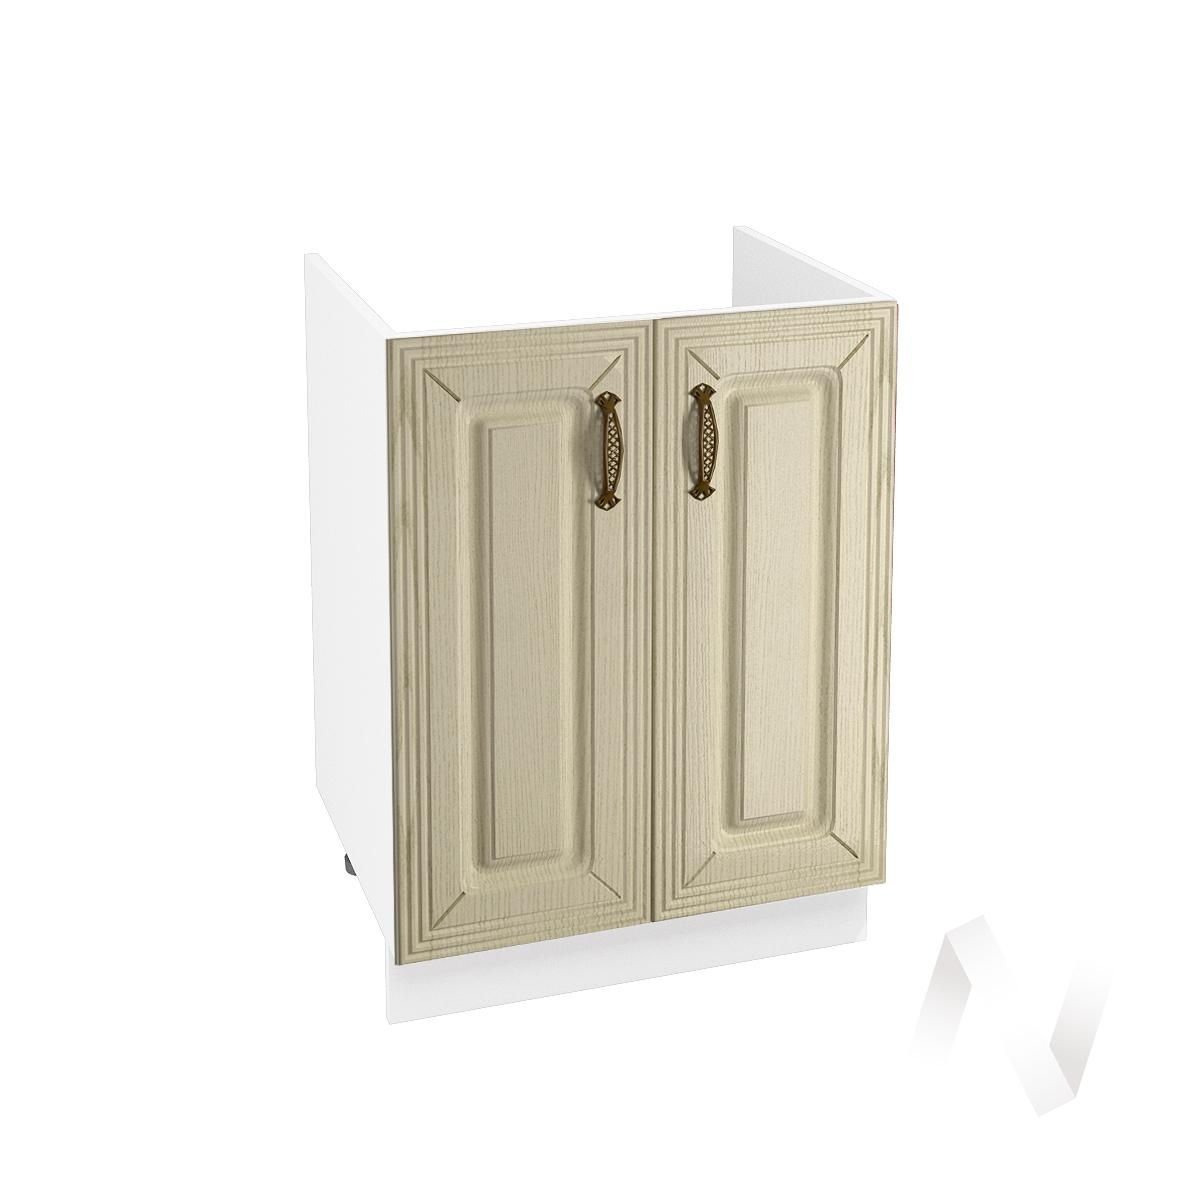 """Кухня """"Изабель"""": Шкаф нижний под мойку 600, ШНМ 600 новый (корпус белый)"""